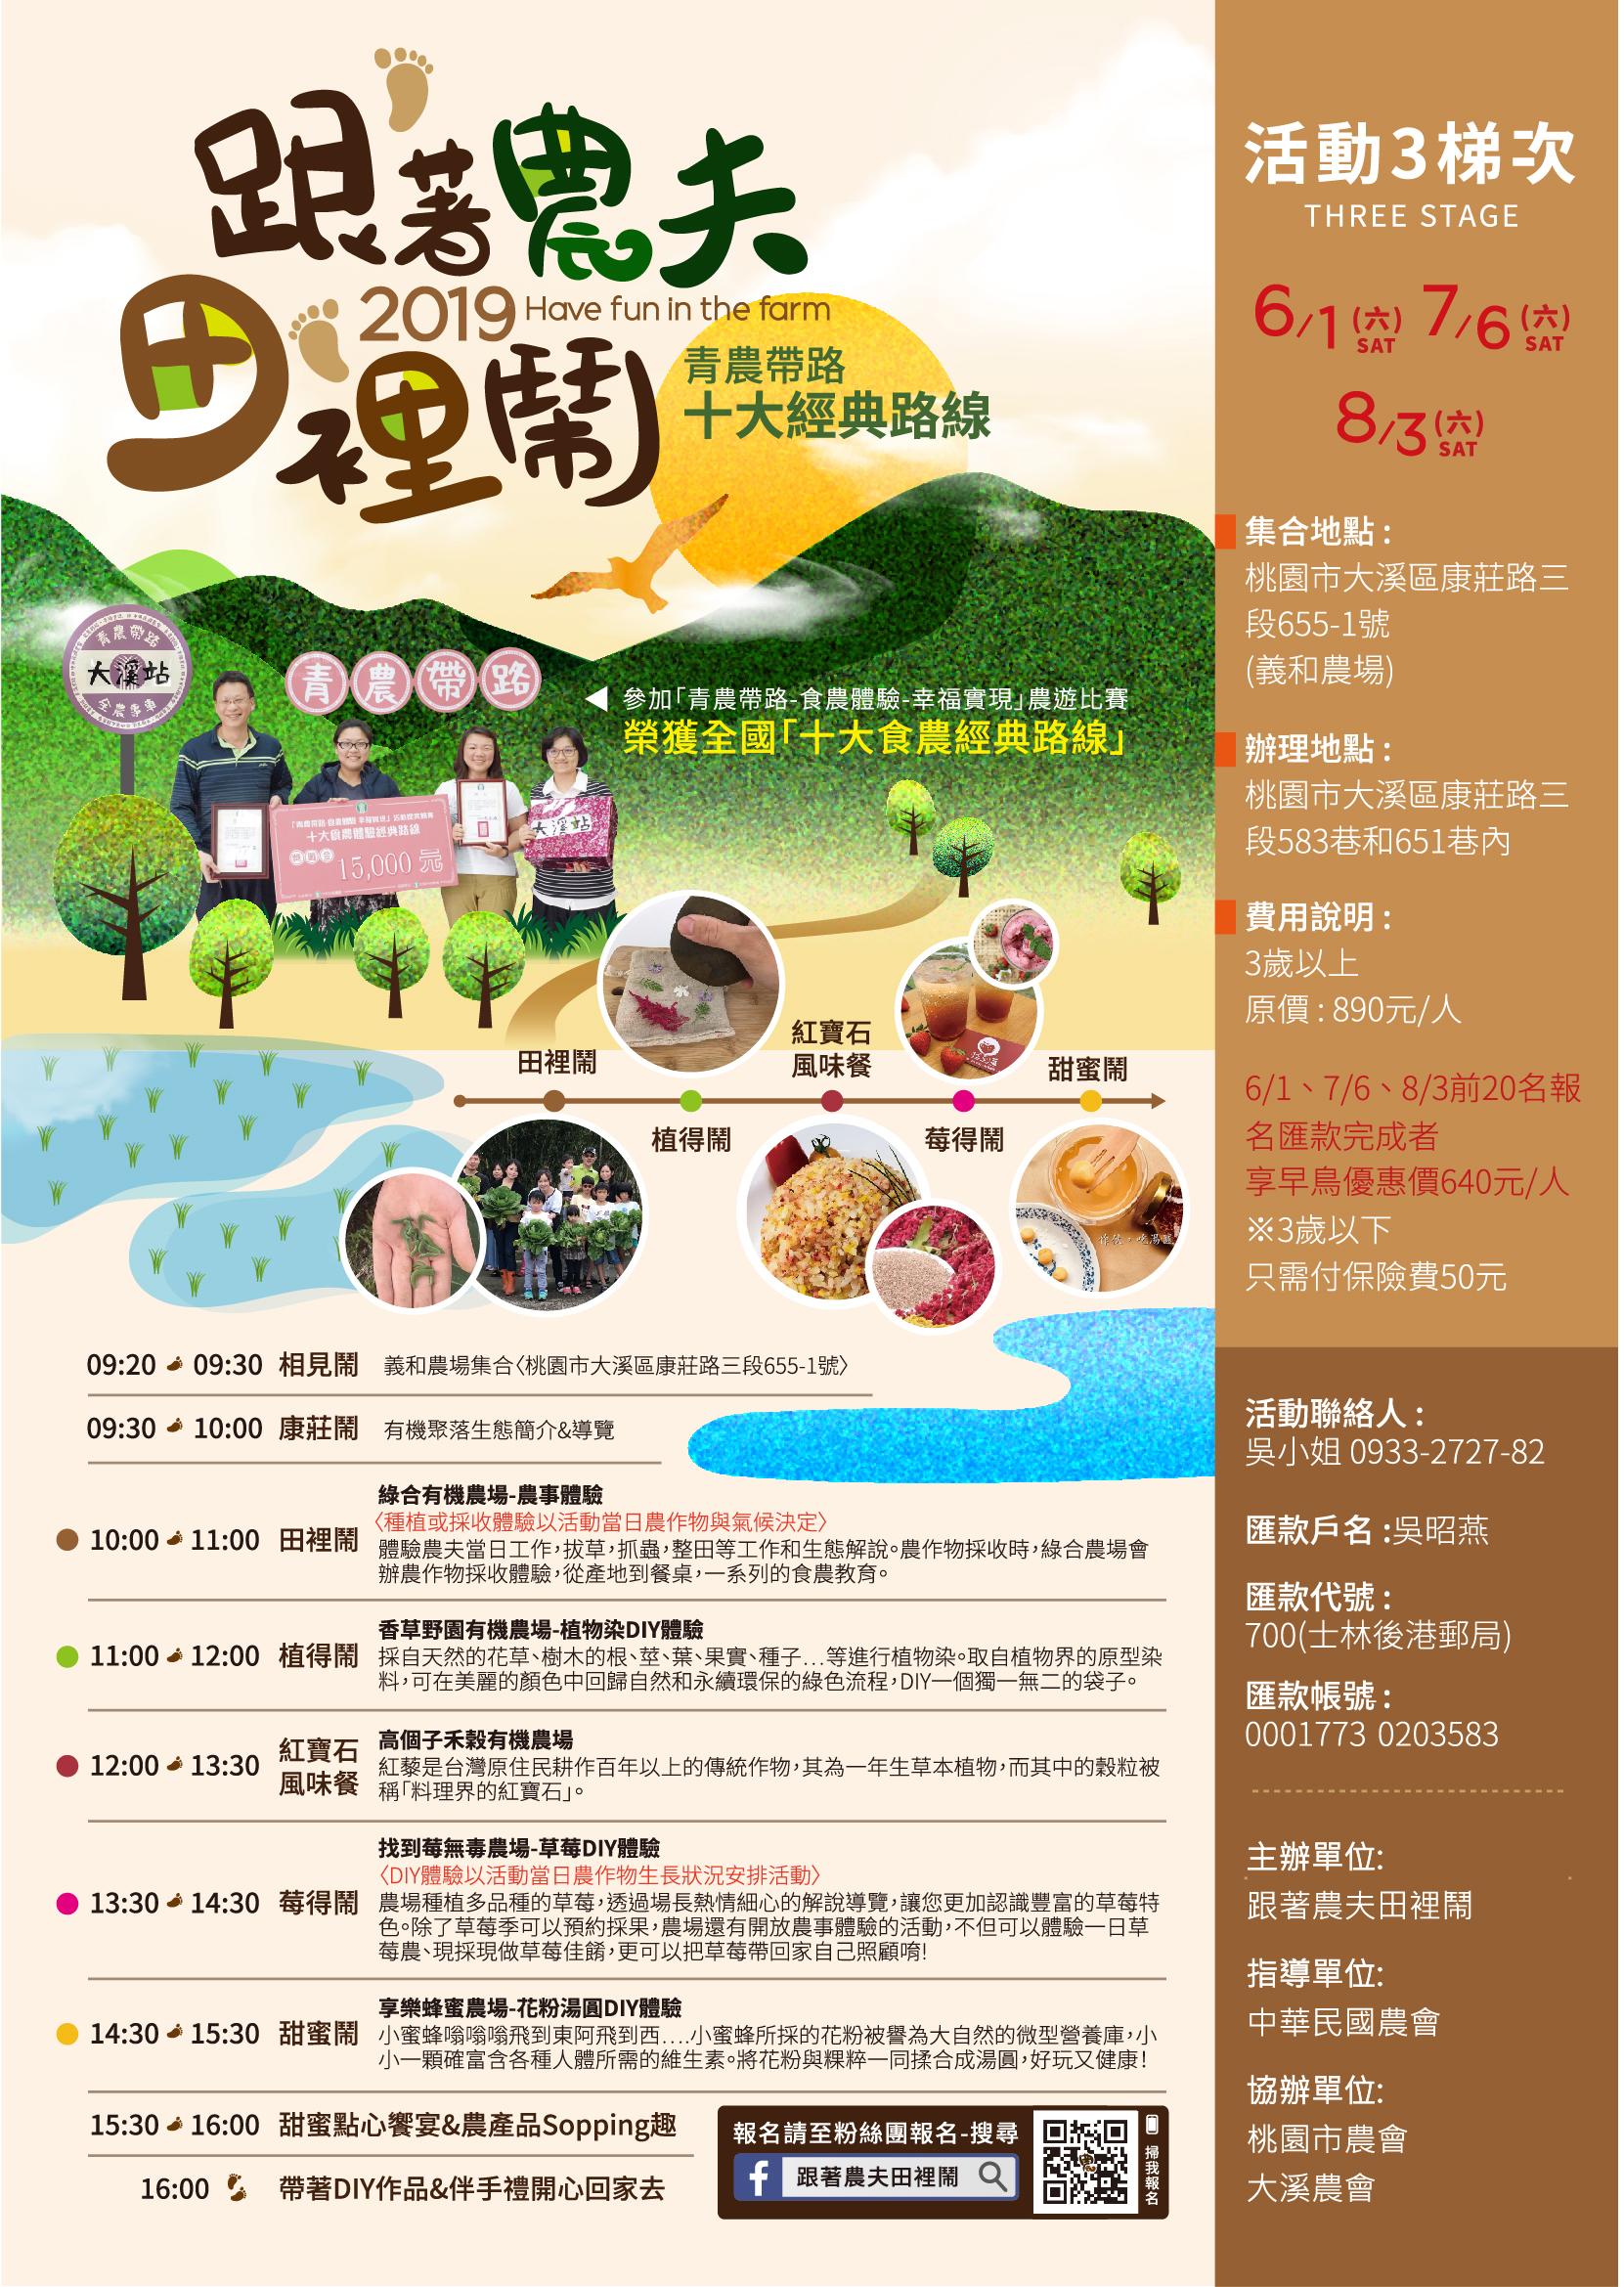 108-05-05-跟著農夫田裡鬧-海報-轉曲